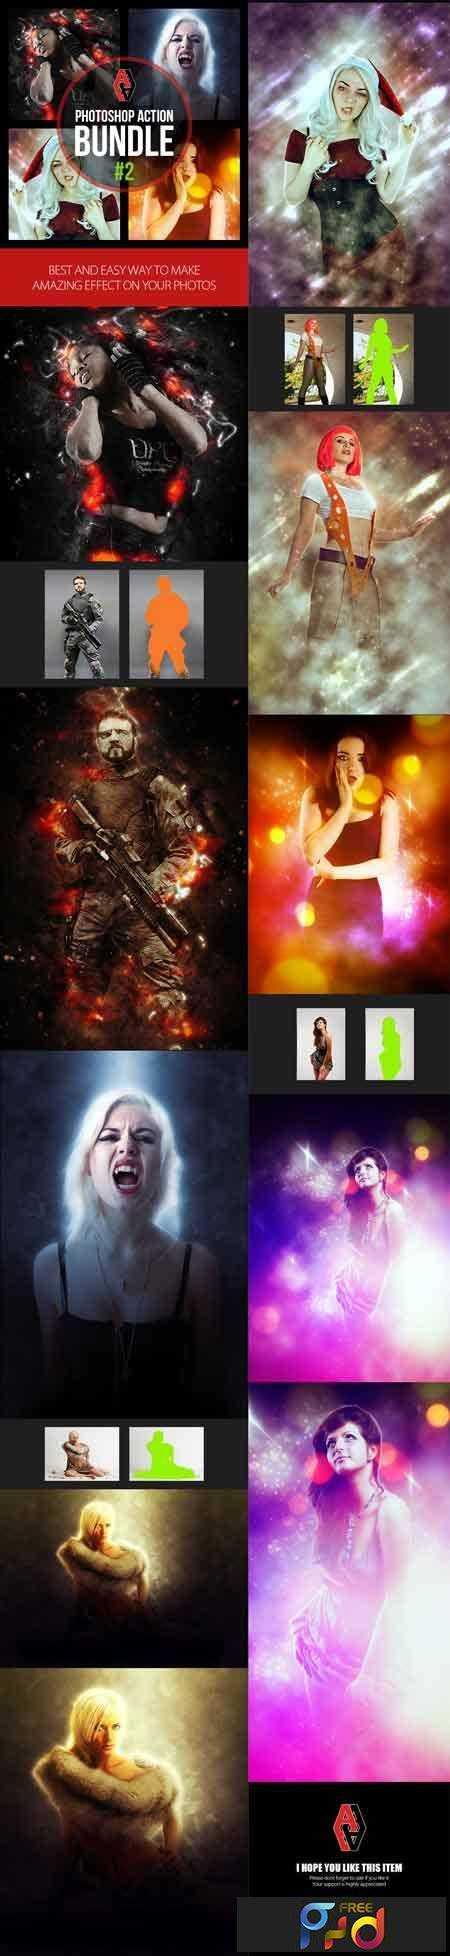 FreePsdVn.com_1703290_PHOTOSHOP_photoshop_action_bundle_2_19107135